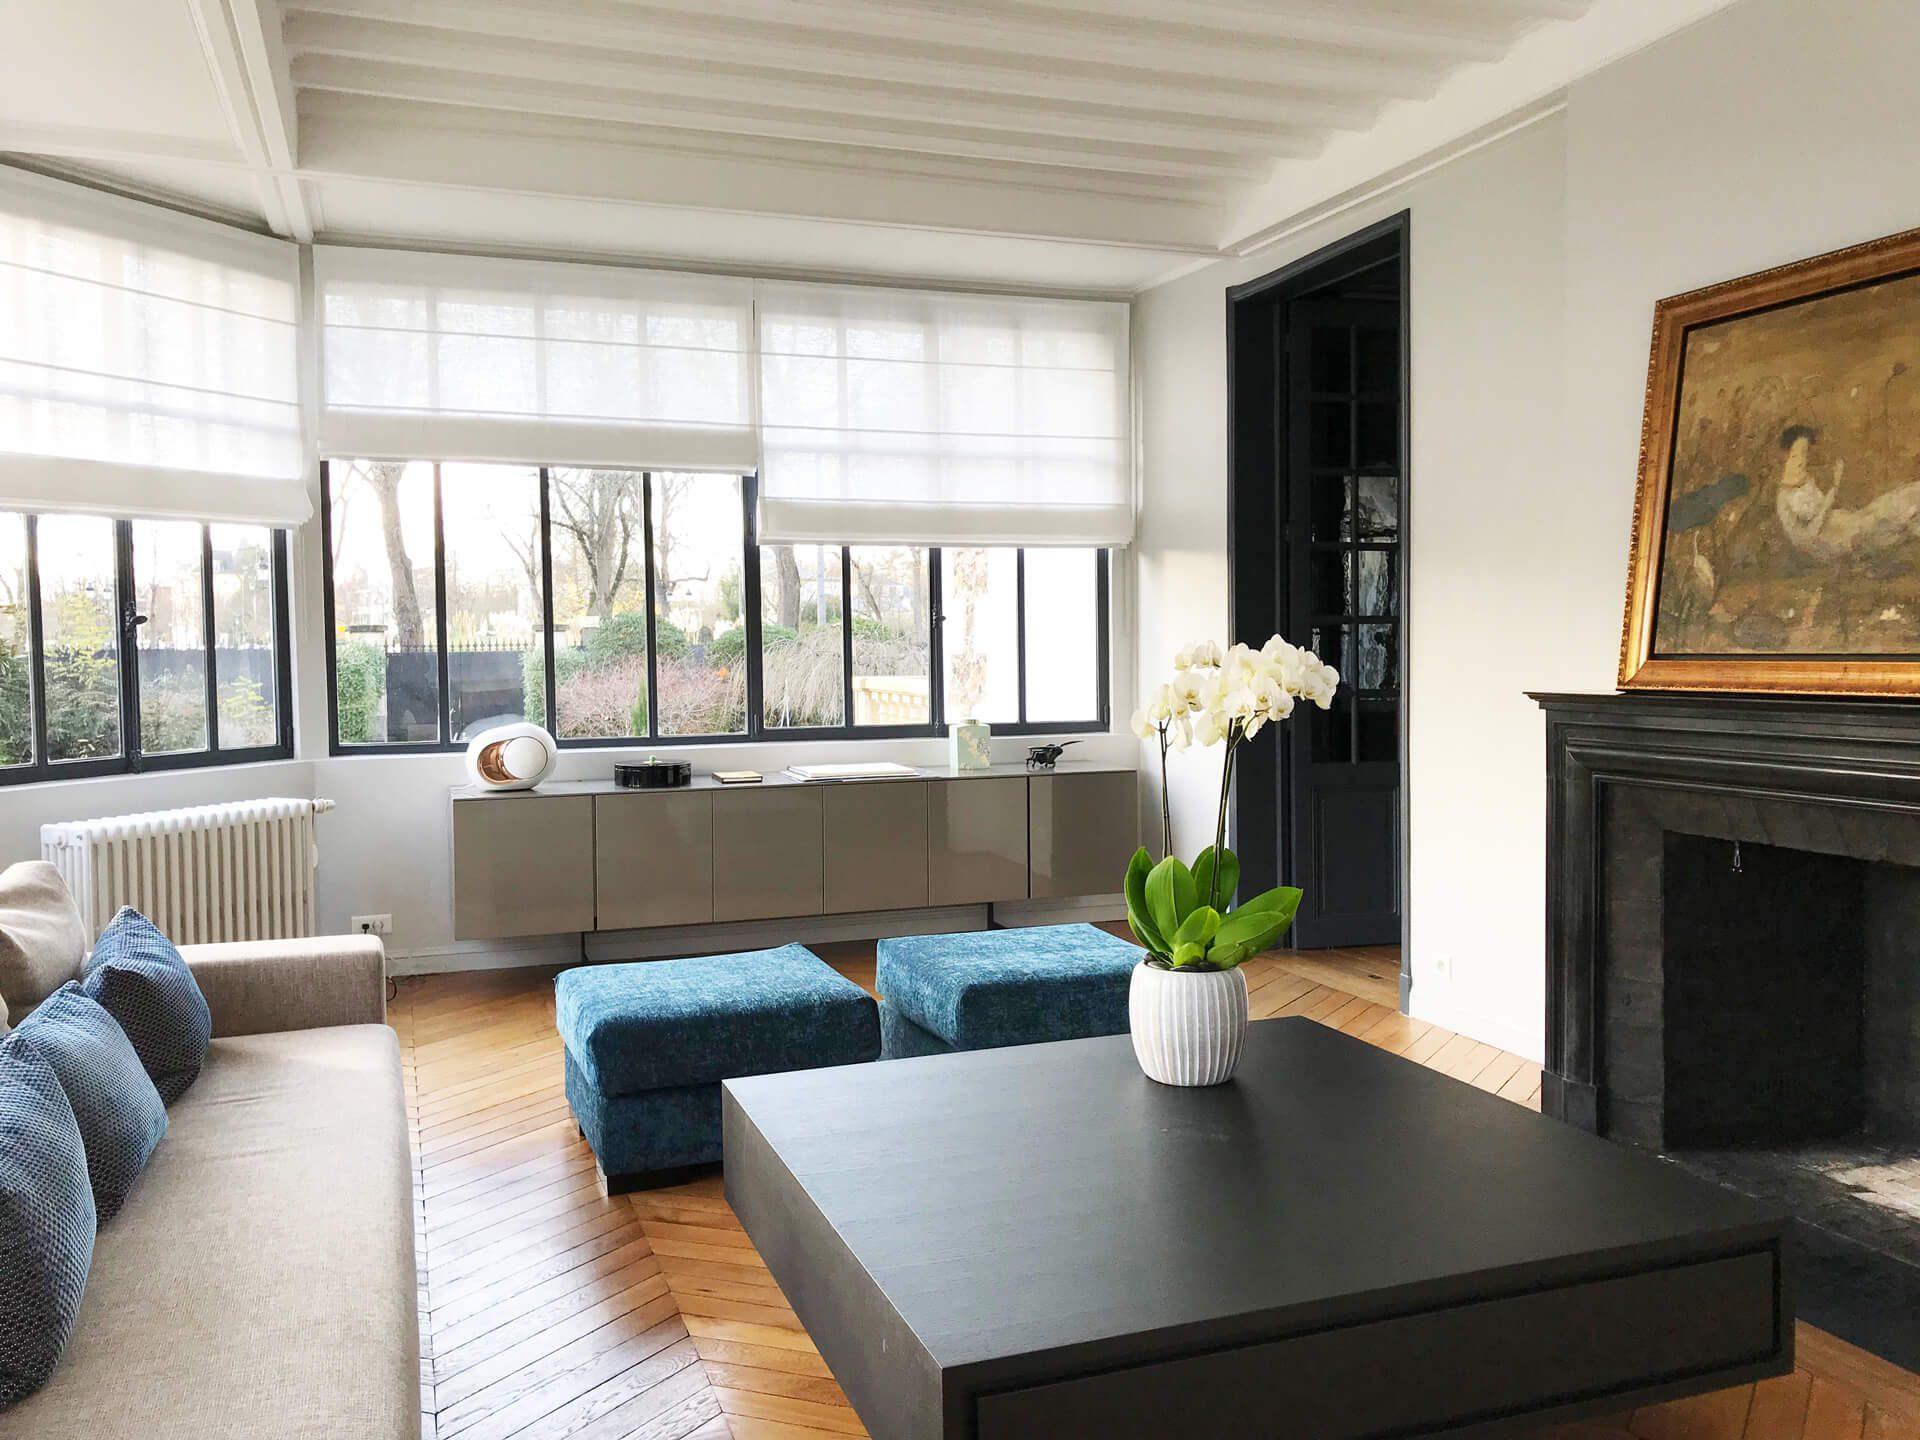 Maison De Maitre Design D Interieur Decoration Architecture Interieure